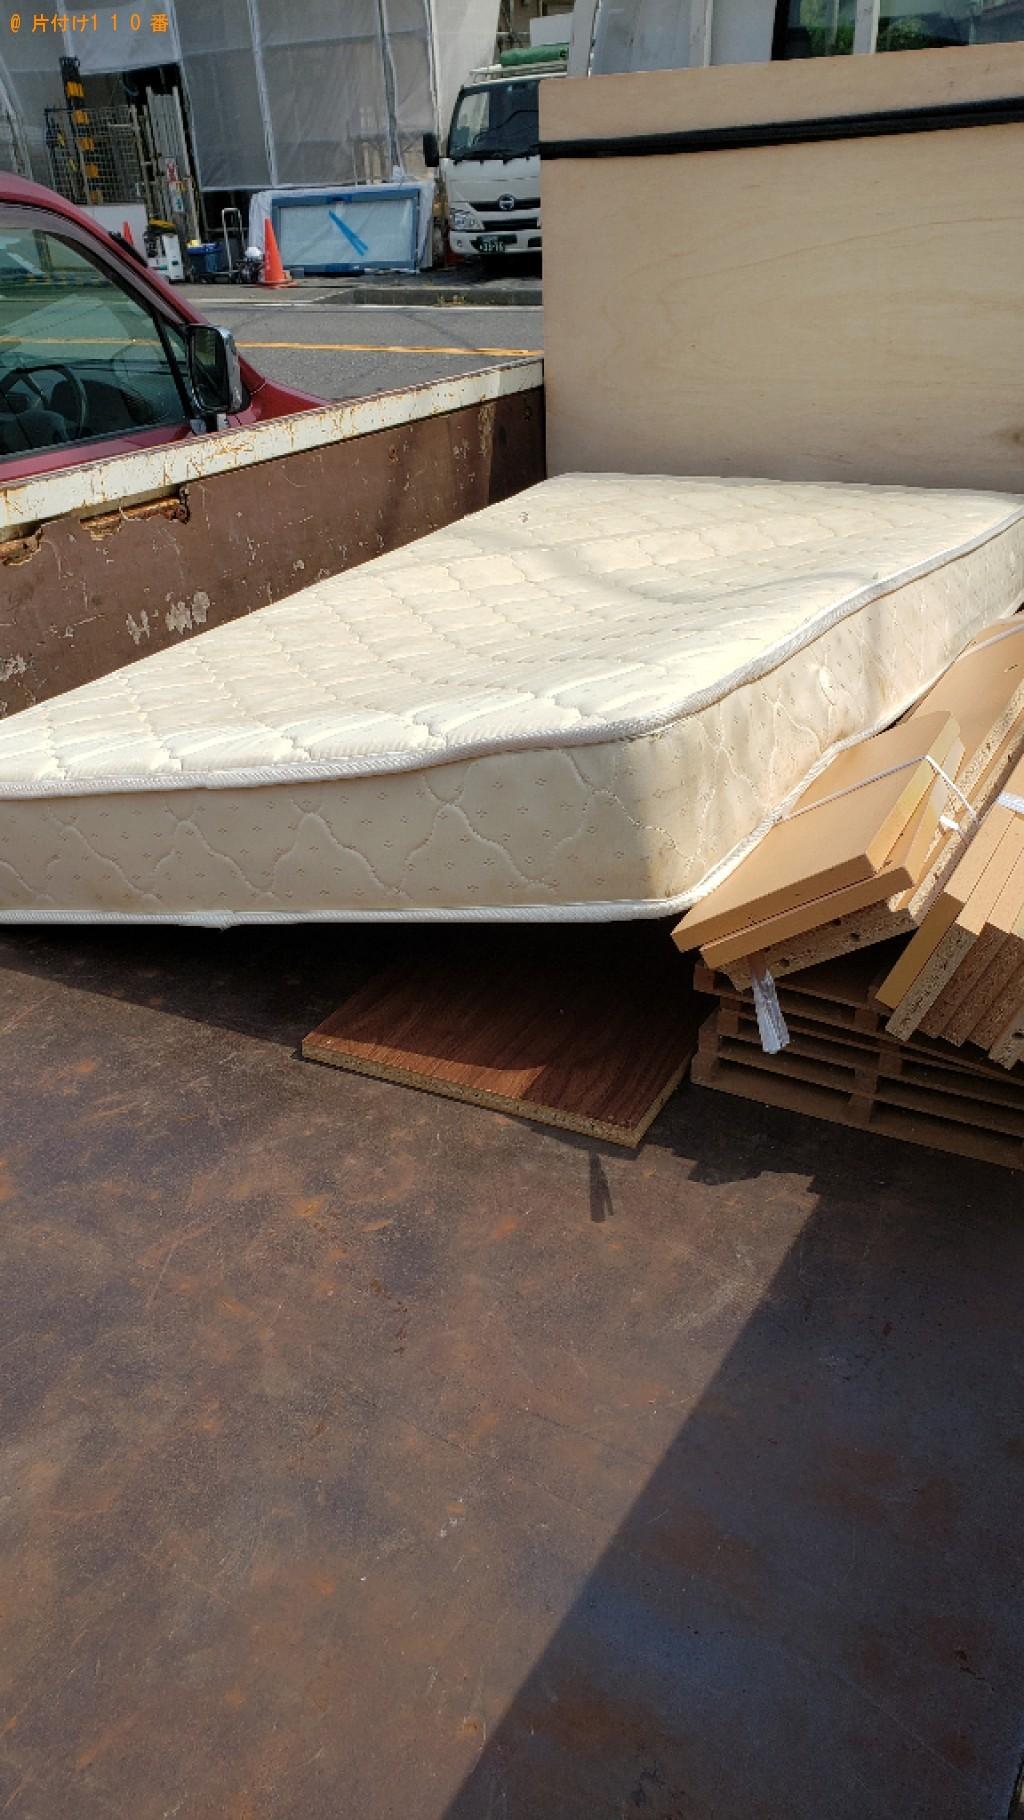 【御宿町】シングルベッド、ベッドマットレスの回収・処分ご依頼